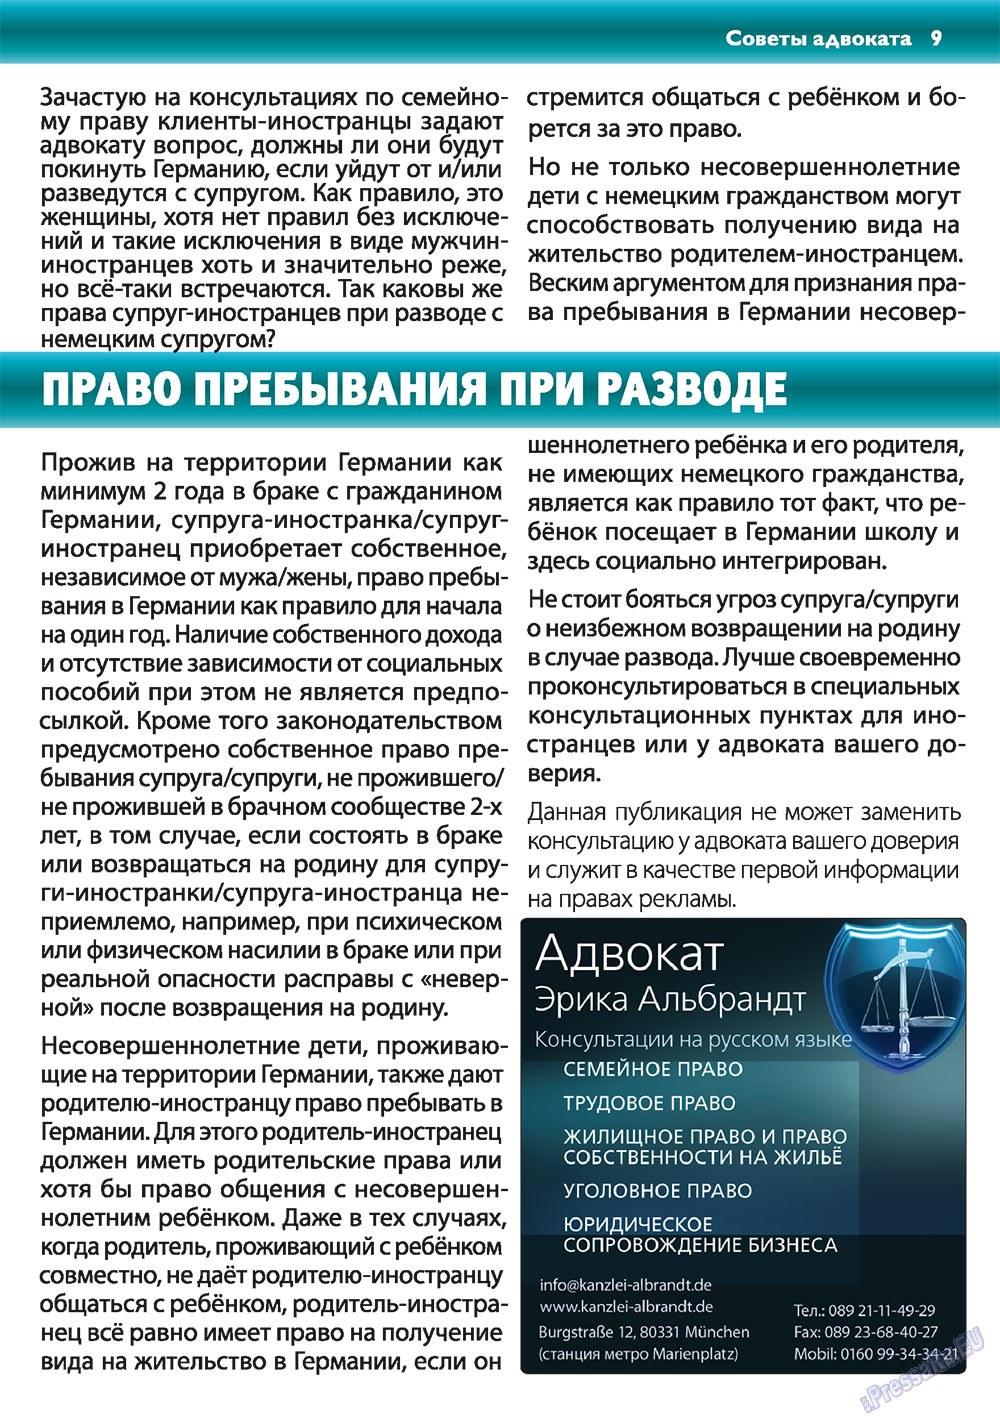 Апельсин (журнал). 2010 год, номер 17, стр. 9